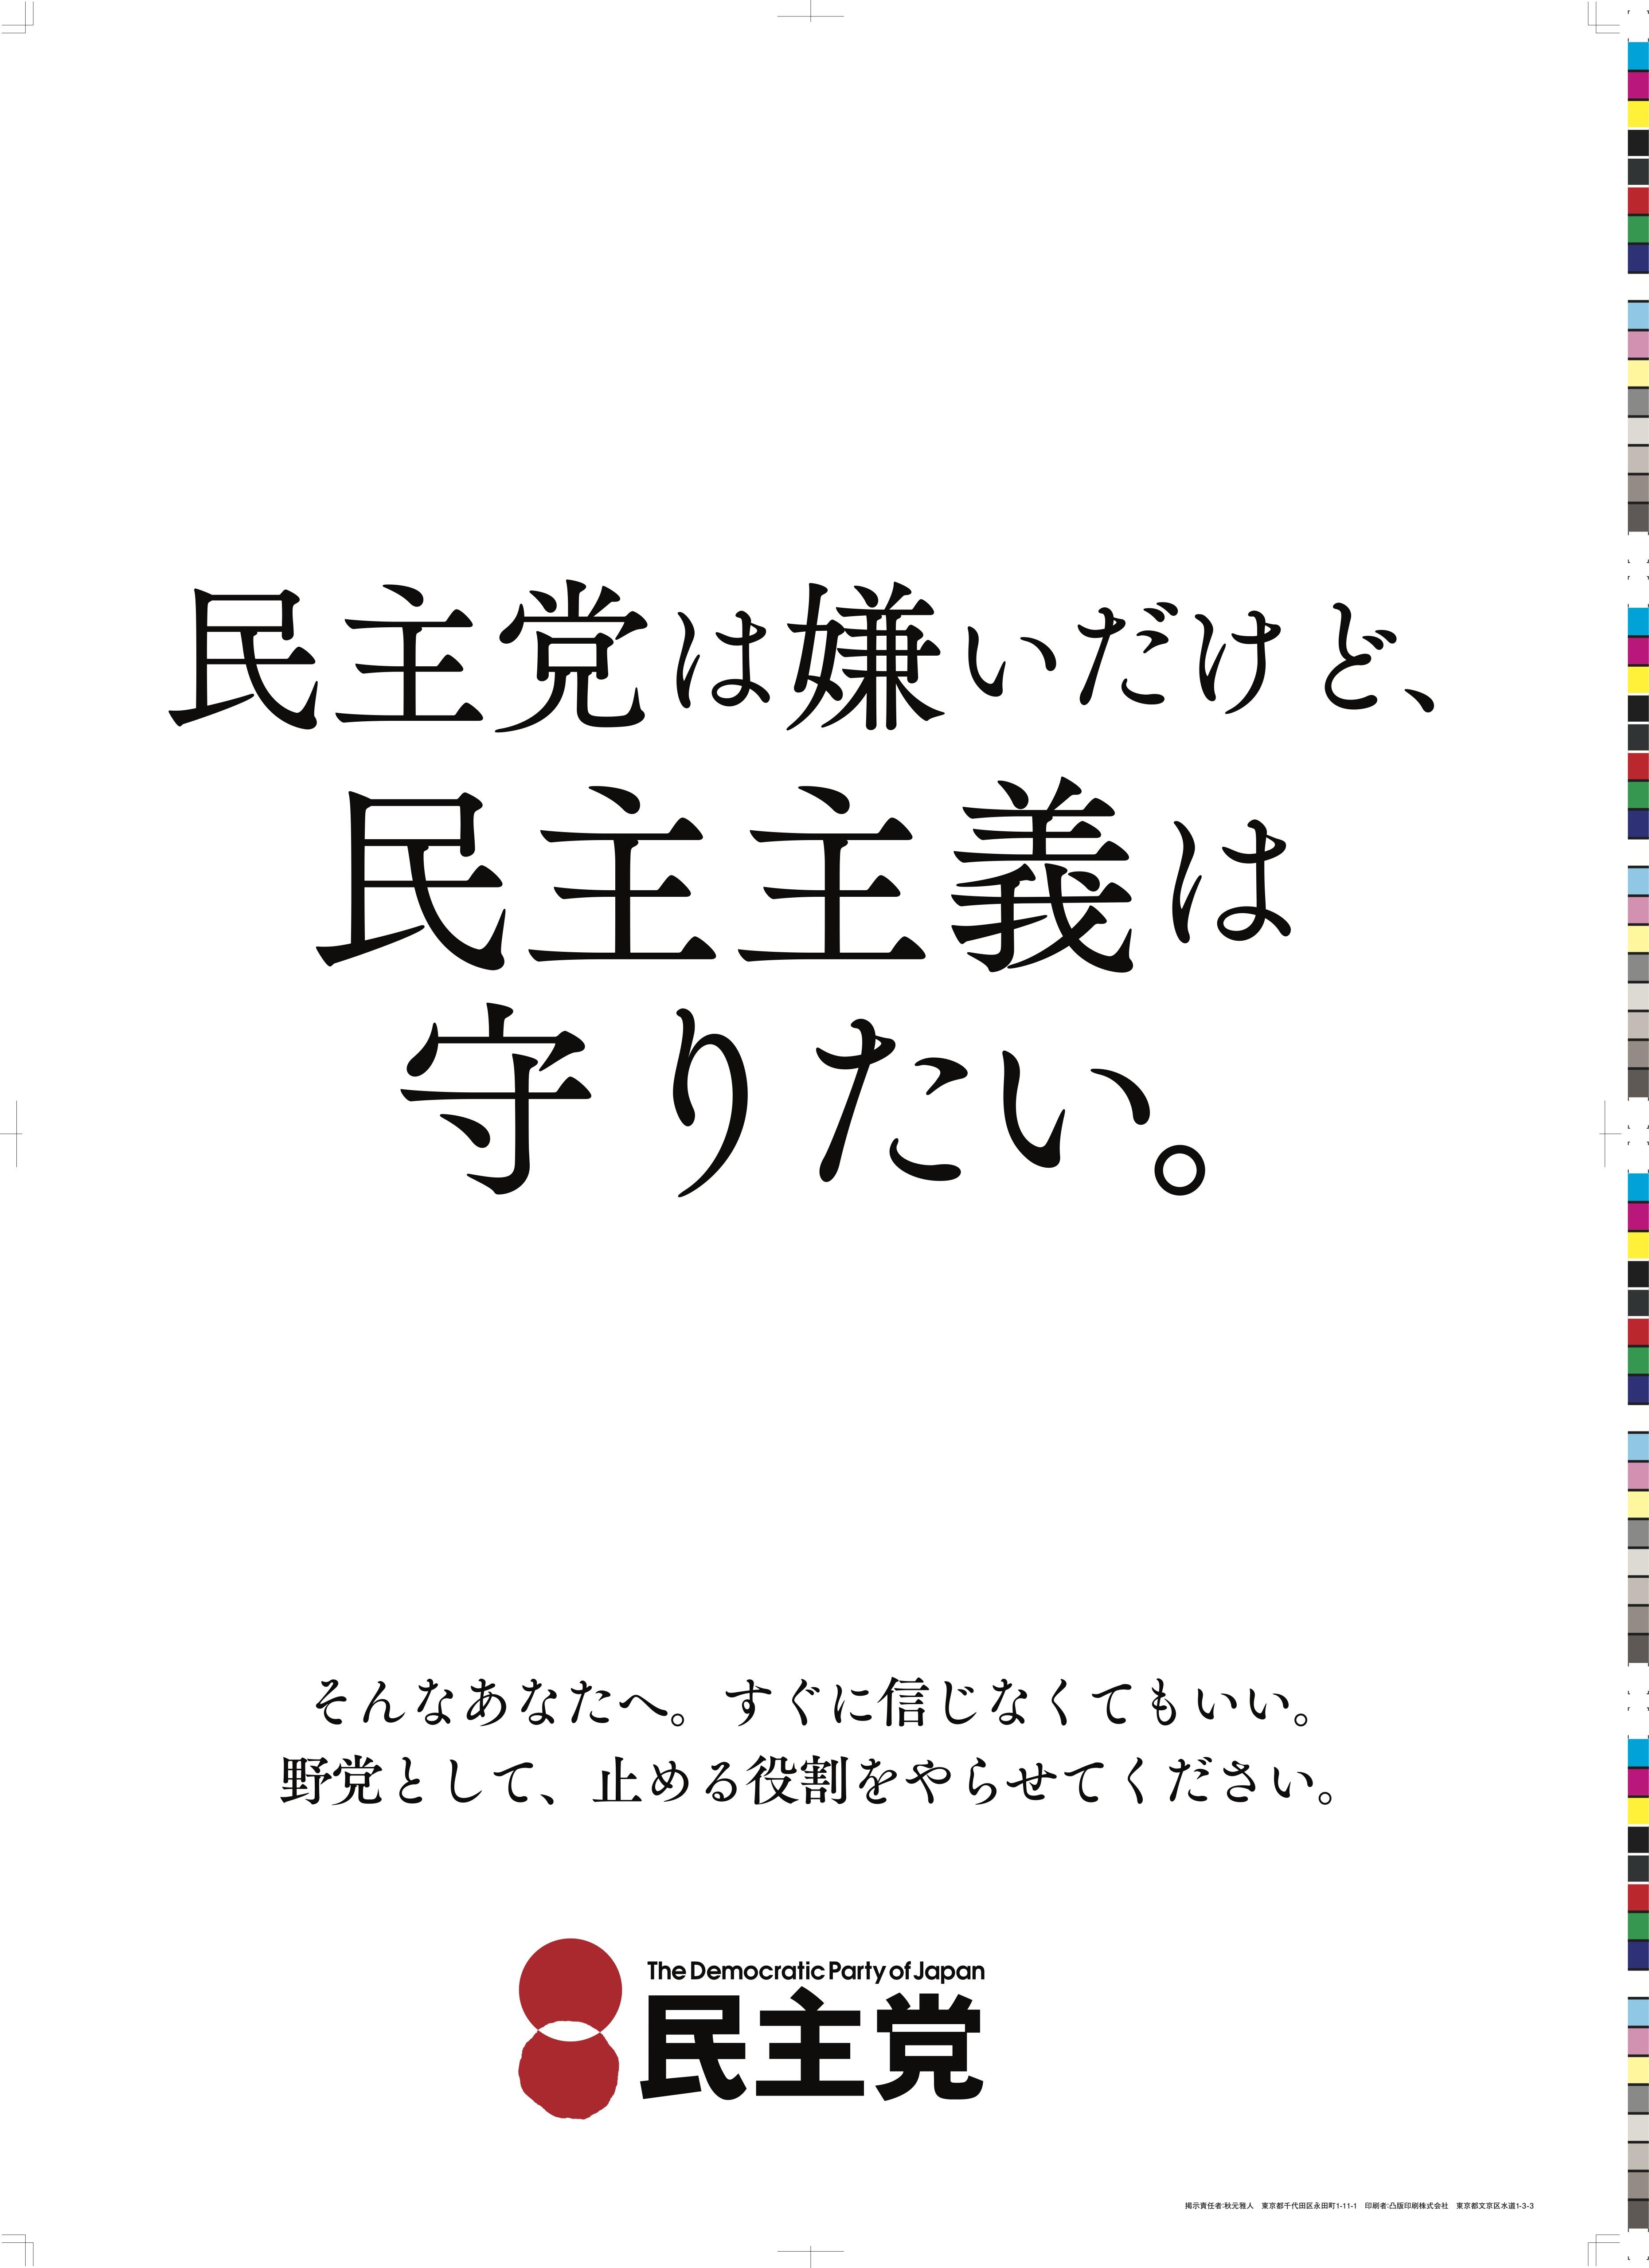 1月27日のできごと(何の日)【民主党】夏の参院選に向けポスター発表